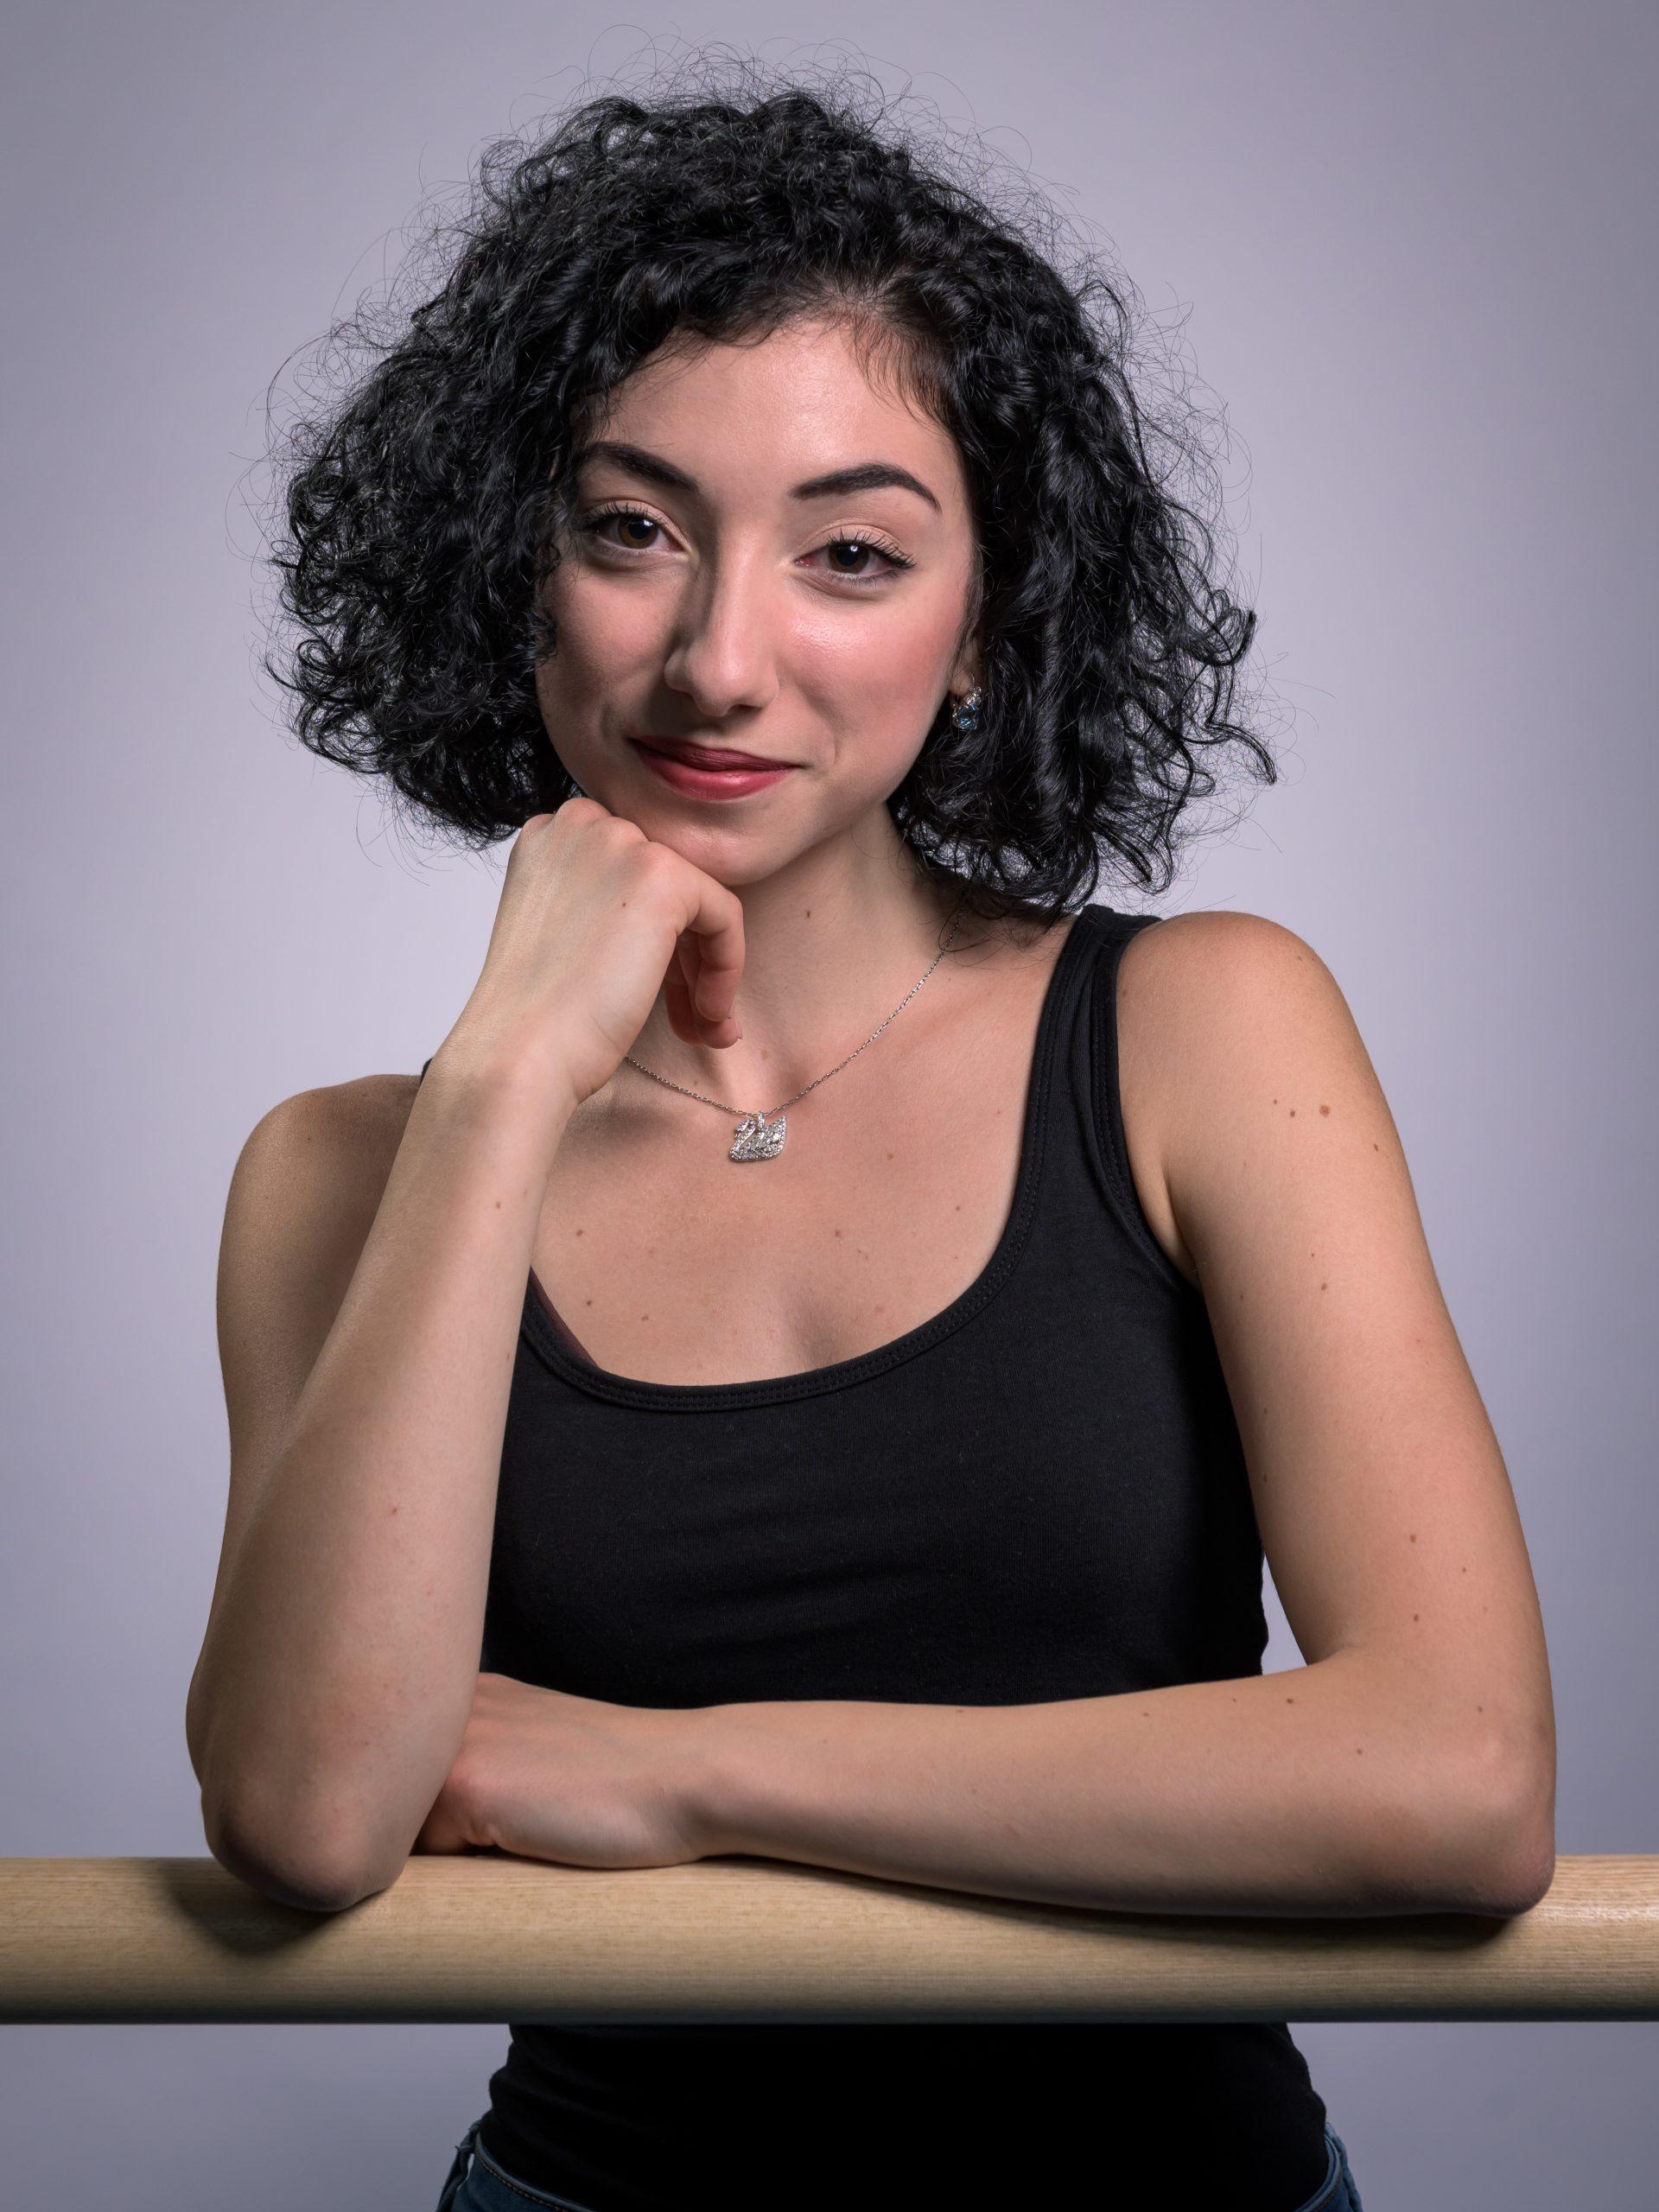 Arianna Soleti (Balet)